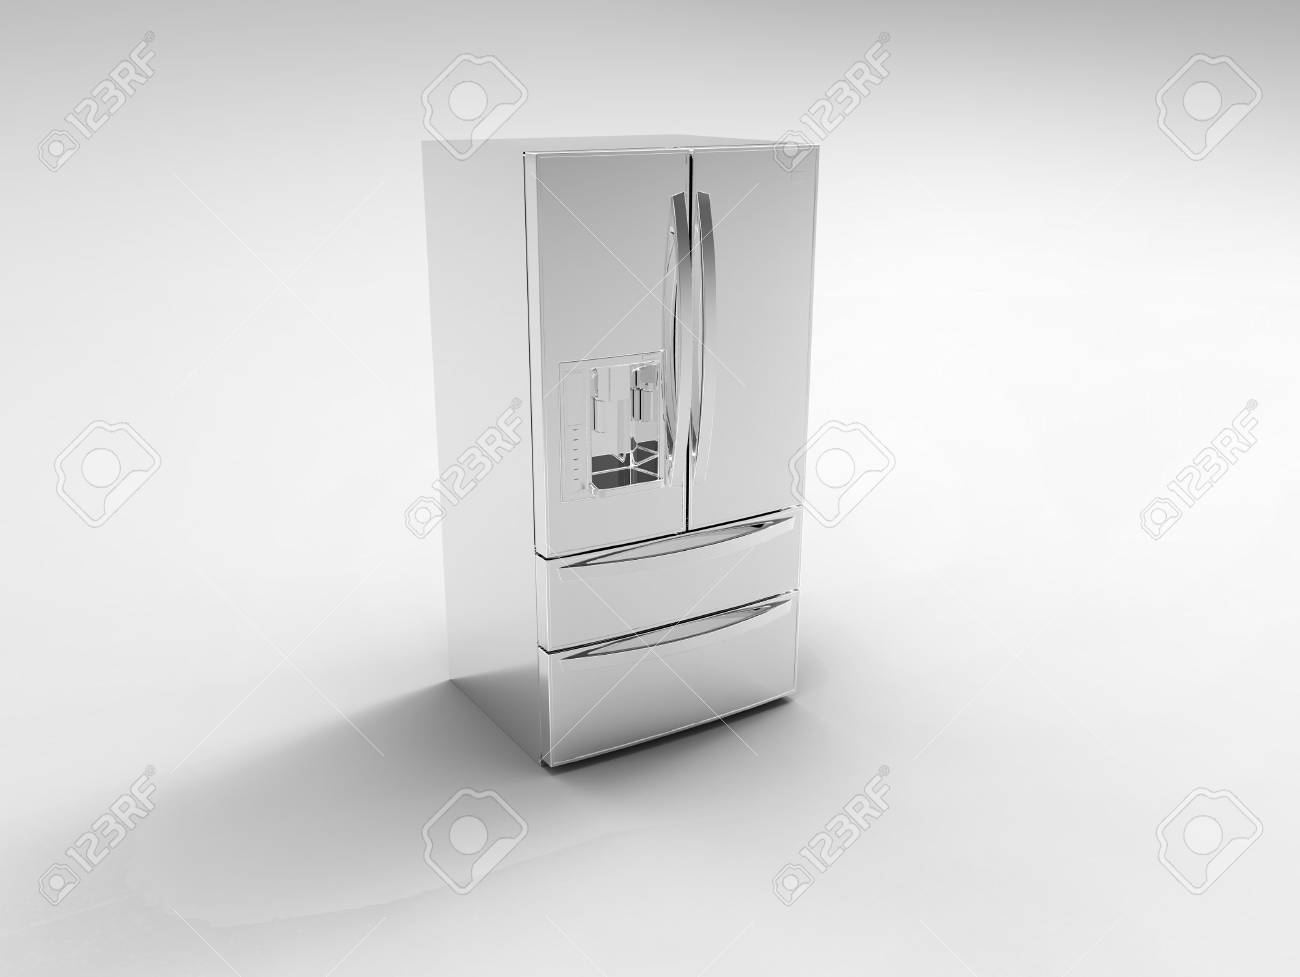 Amerikanischer Kühlschrank Schwarz : Der amerikanische kühlschrank auf einem grauen hintergrund